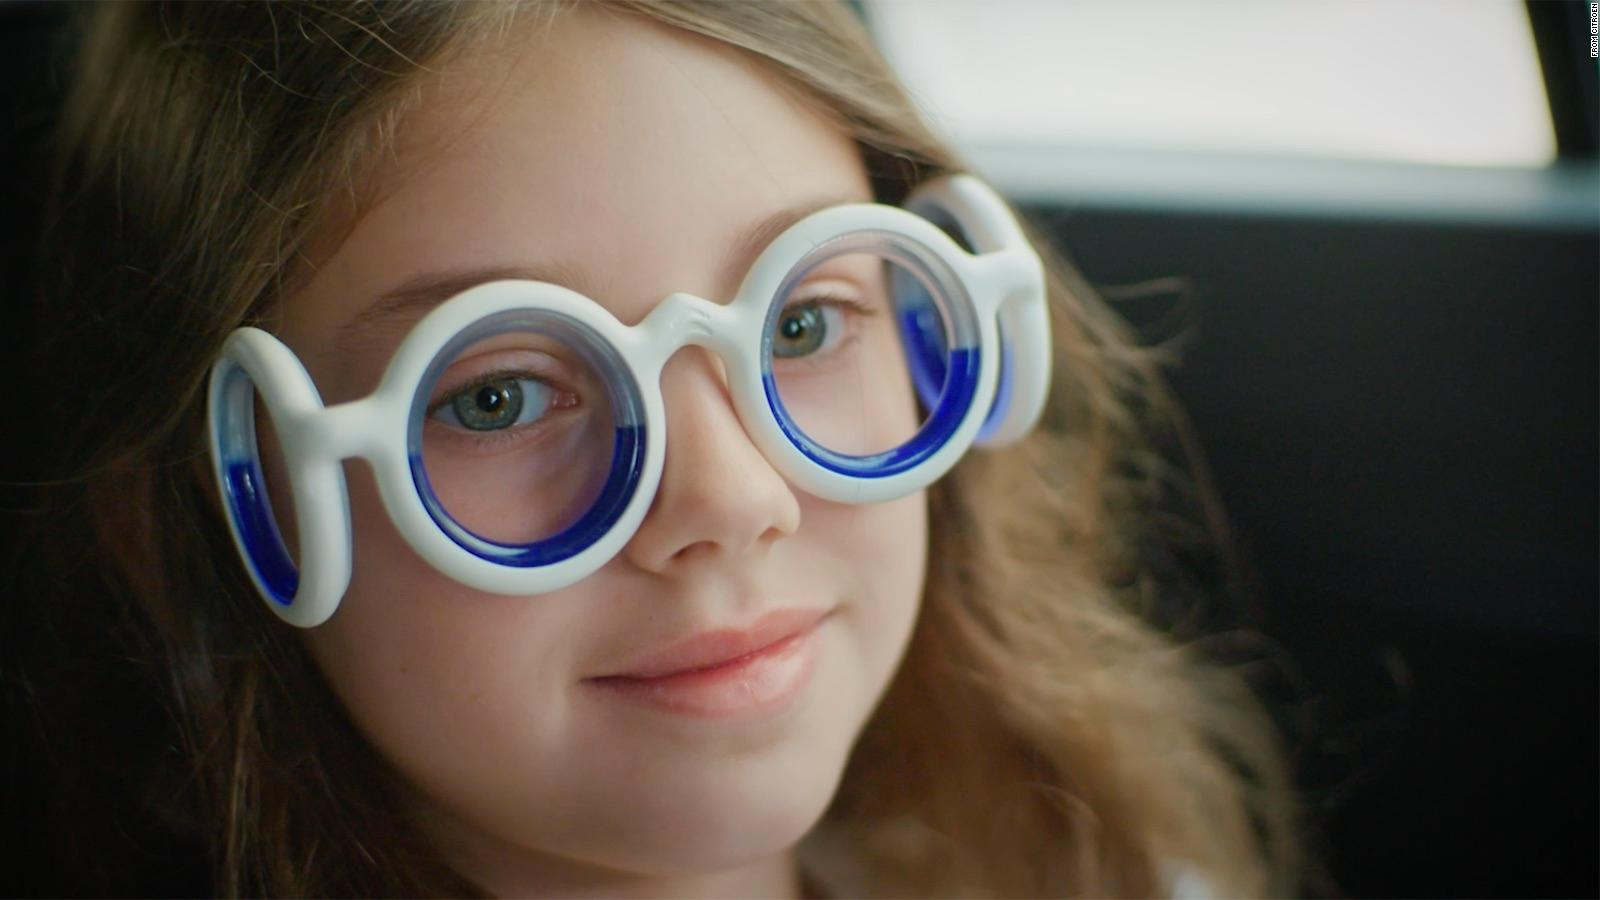 Glasses for motion sickness? Citroen's Seetroen brand may